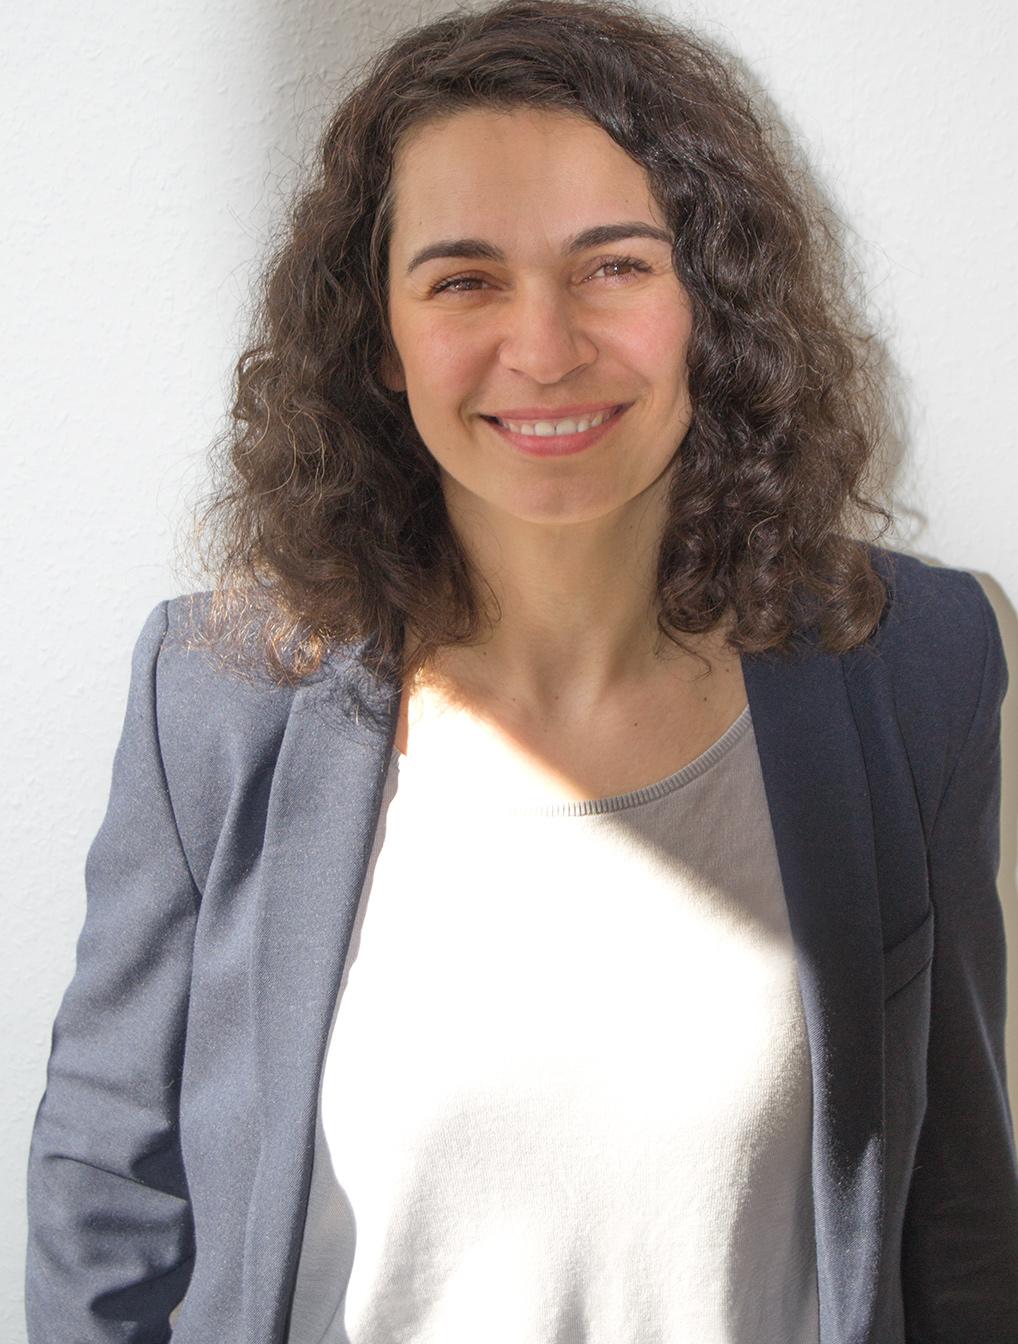 Dipl. Des. Monika Torbica, Agentur für Marken und Werbung Hannover, Branding, Corporate Design, Digital Design